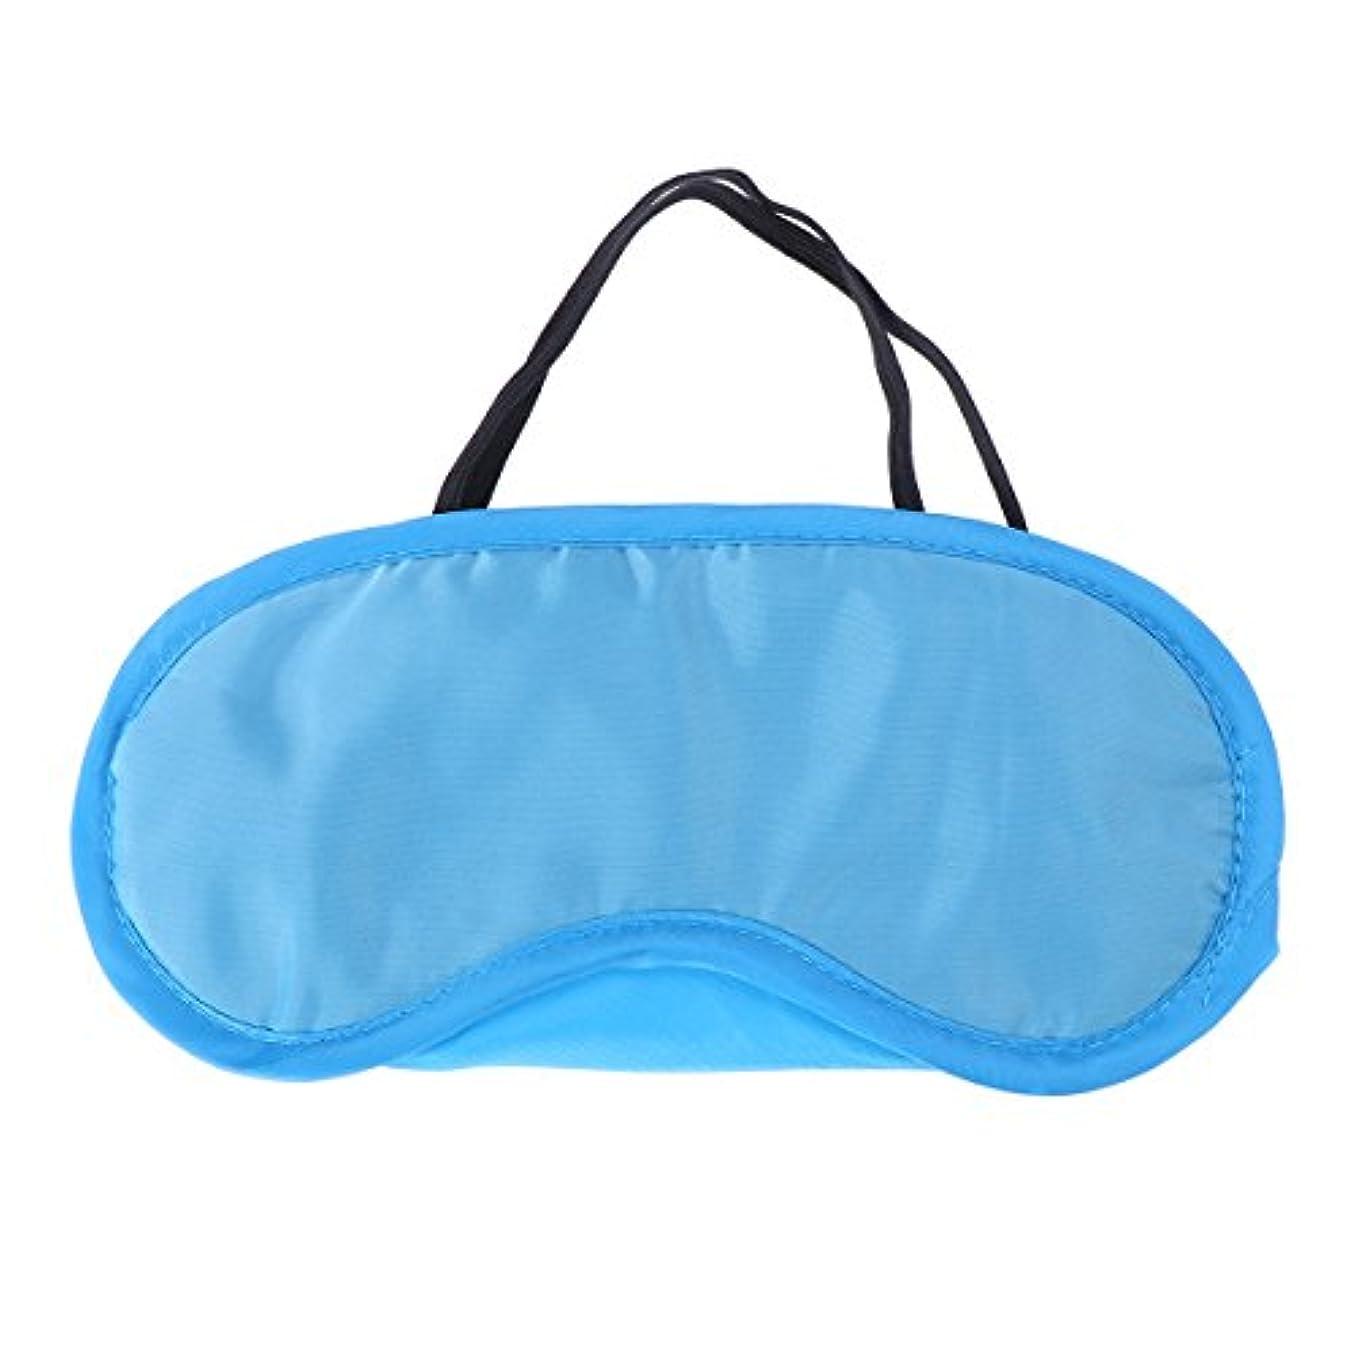 著作権傷跡伴うHEALIFTY 軽量で快適な睡眠のための調整可能なアイマスク(旅行用スカイブルー)